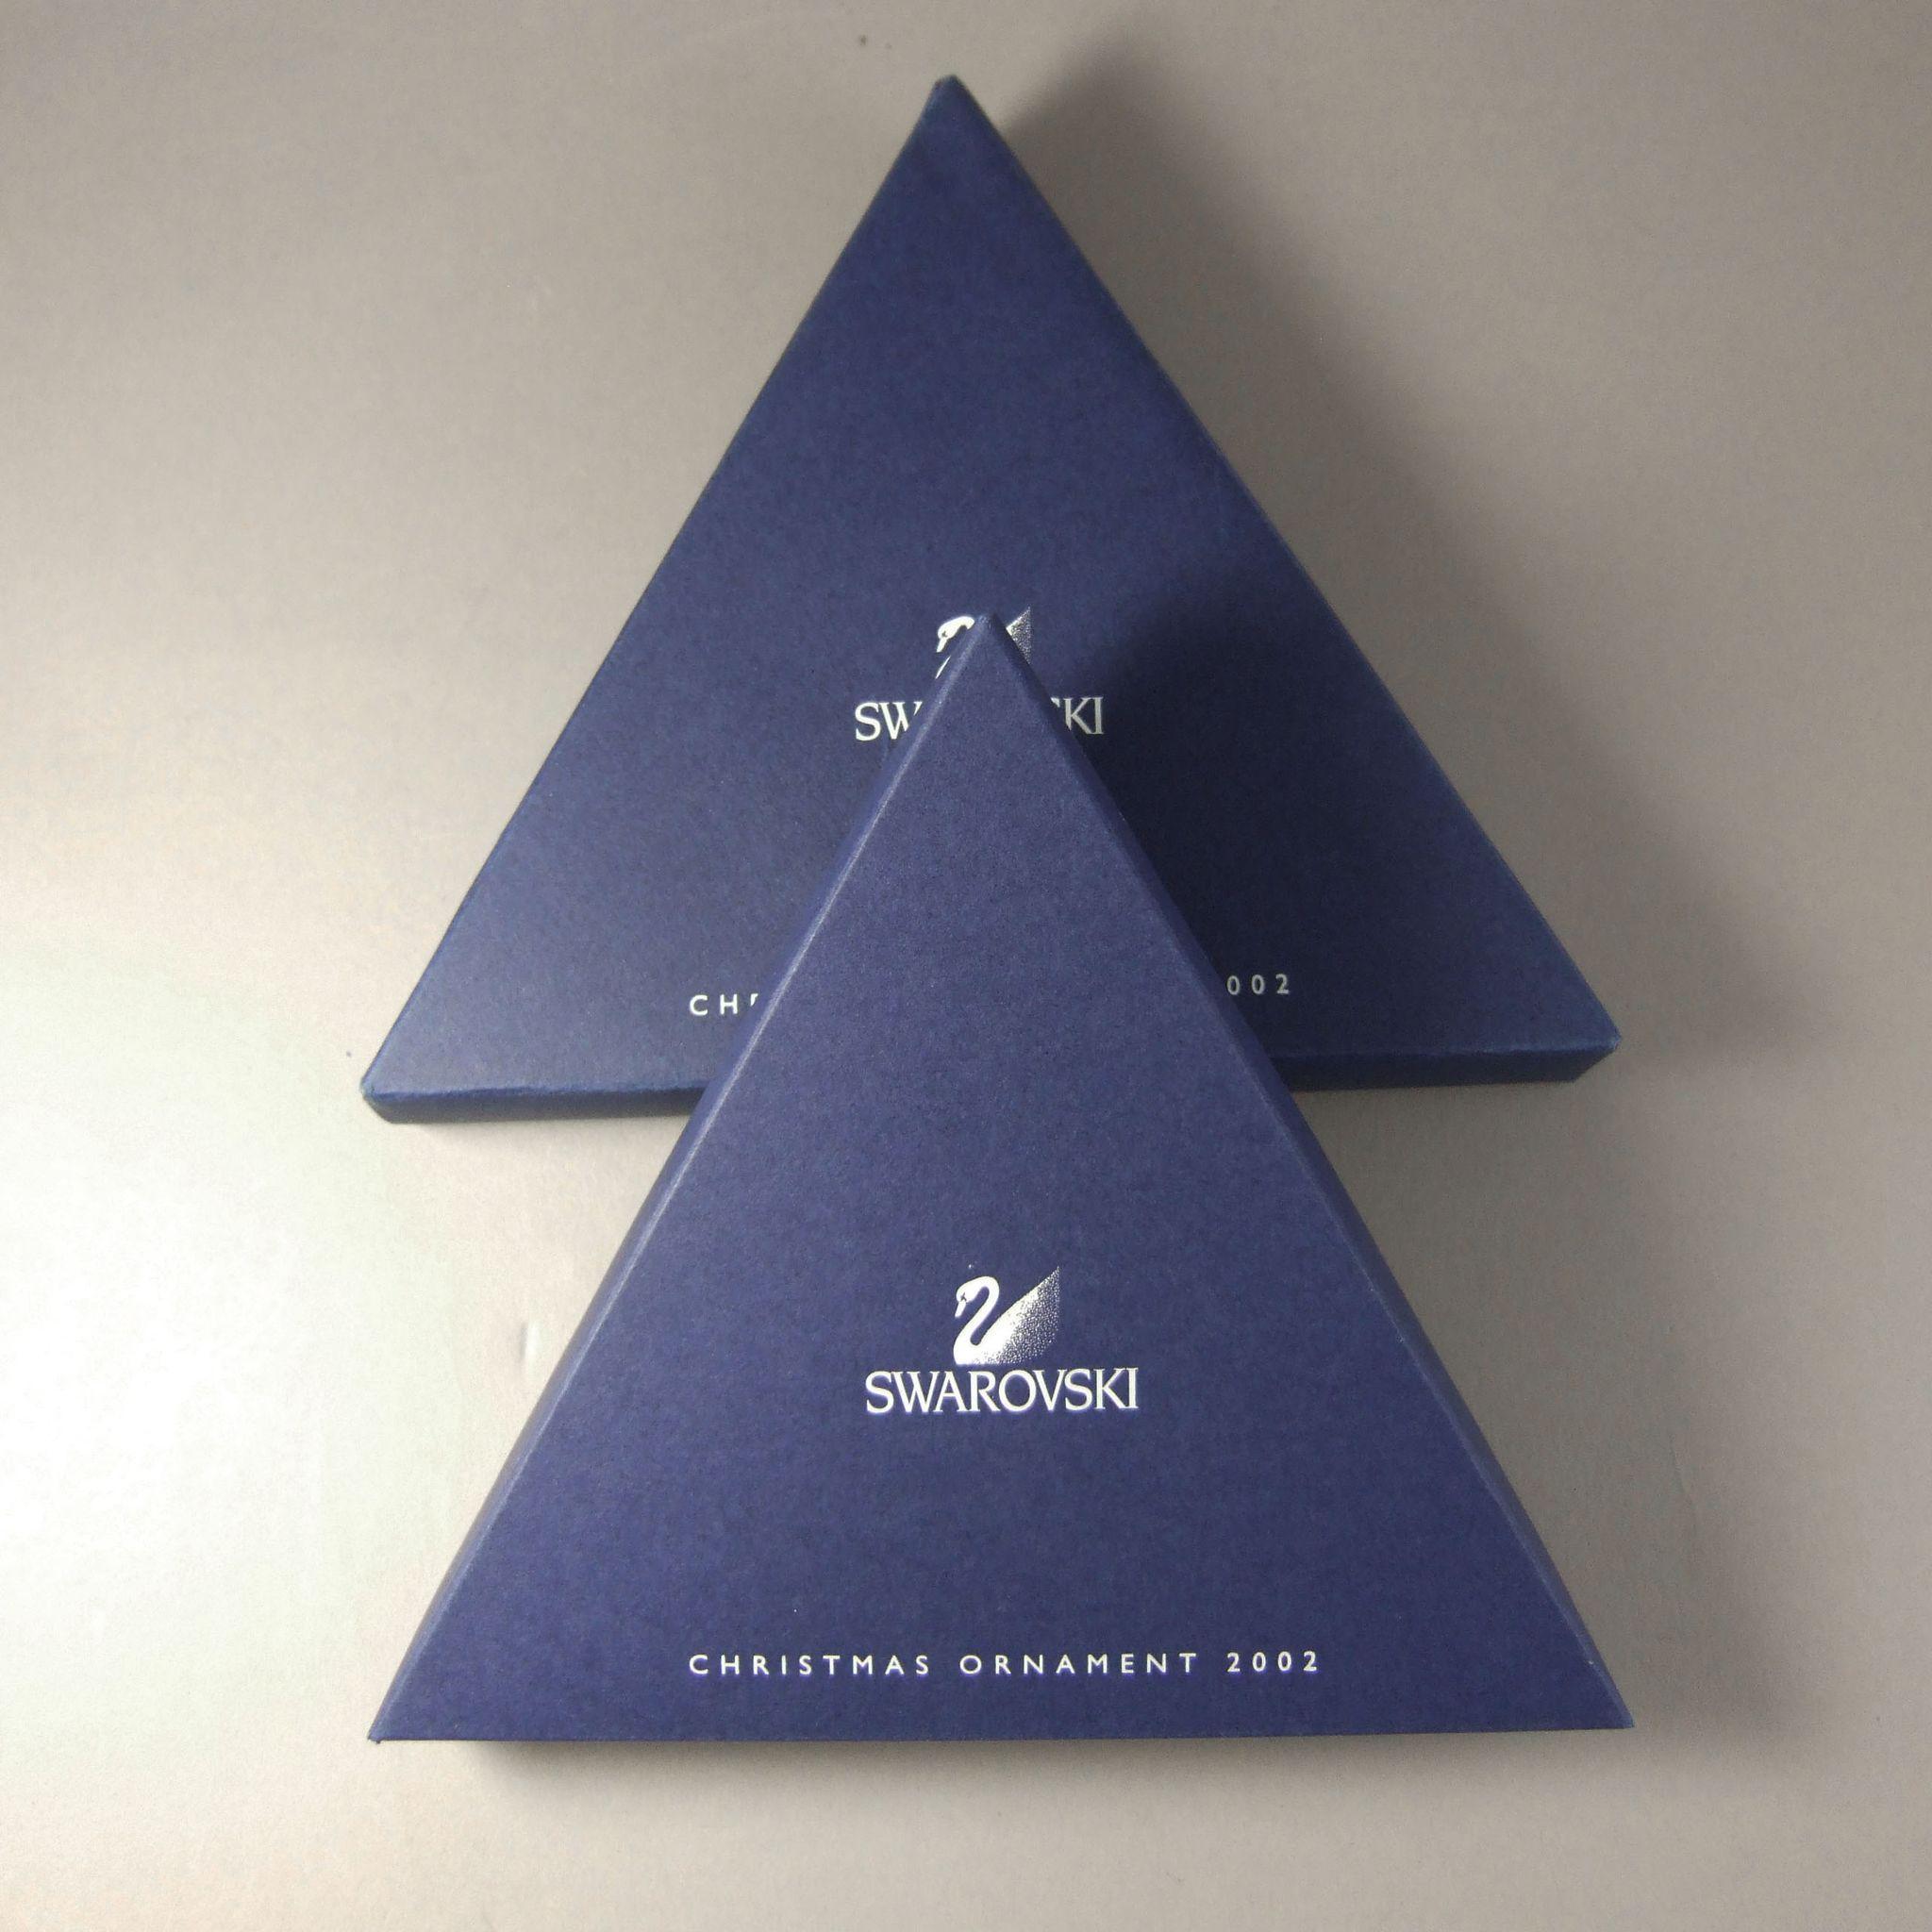 swarovski 2002 christmas ornament